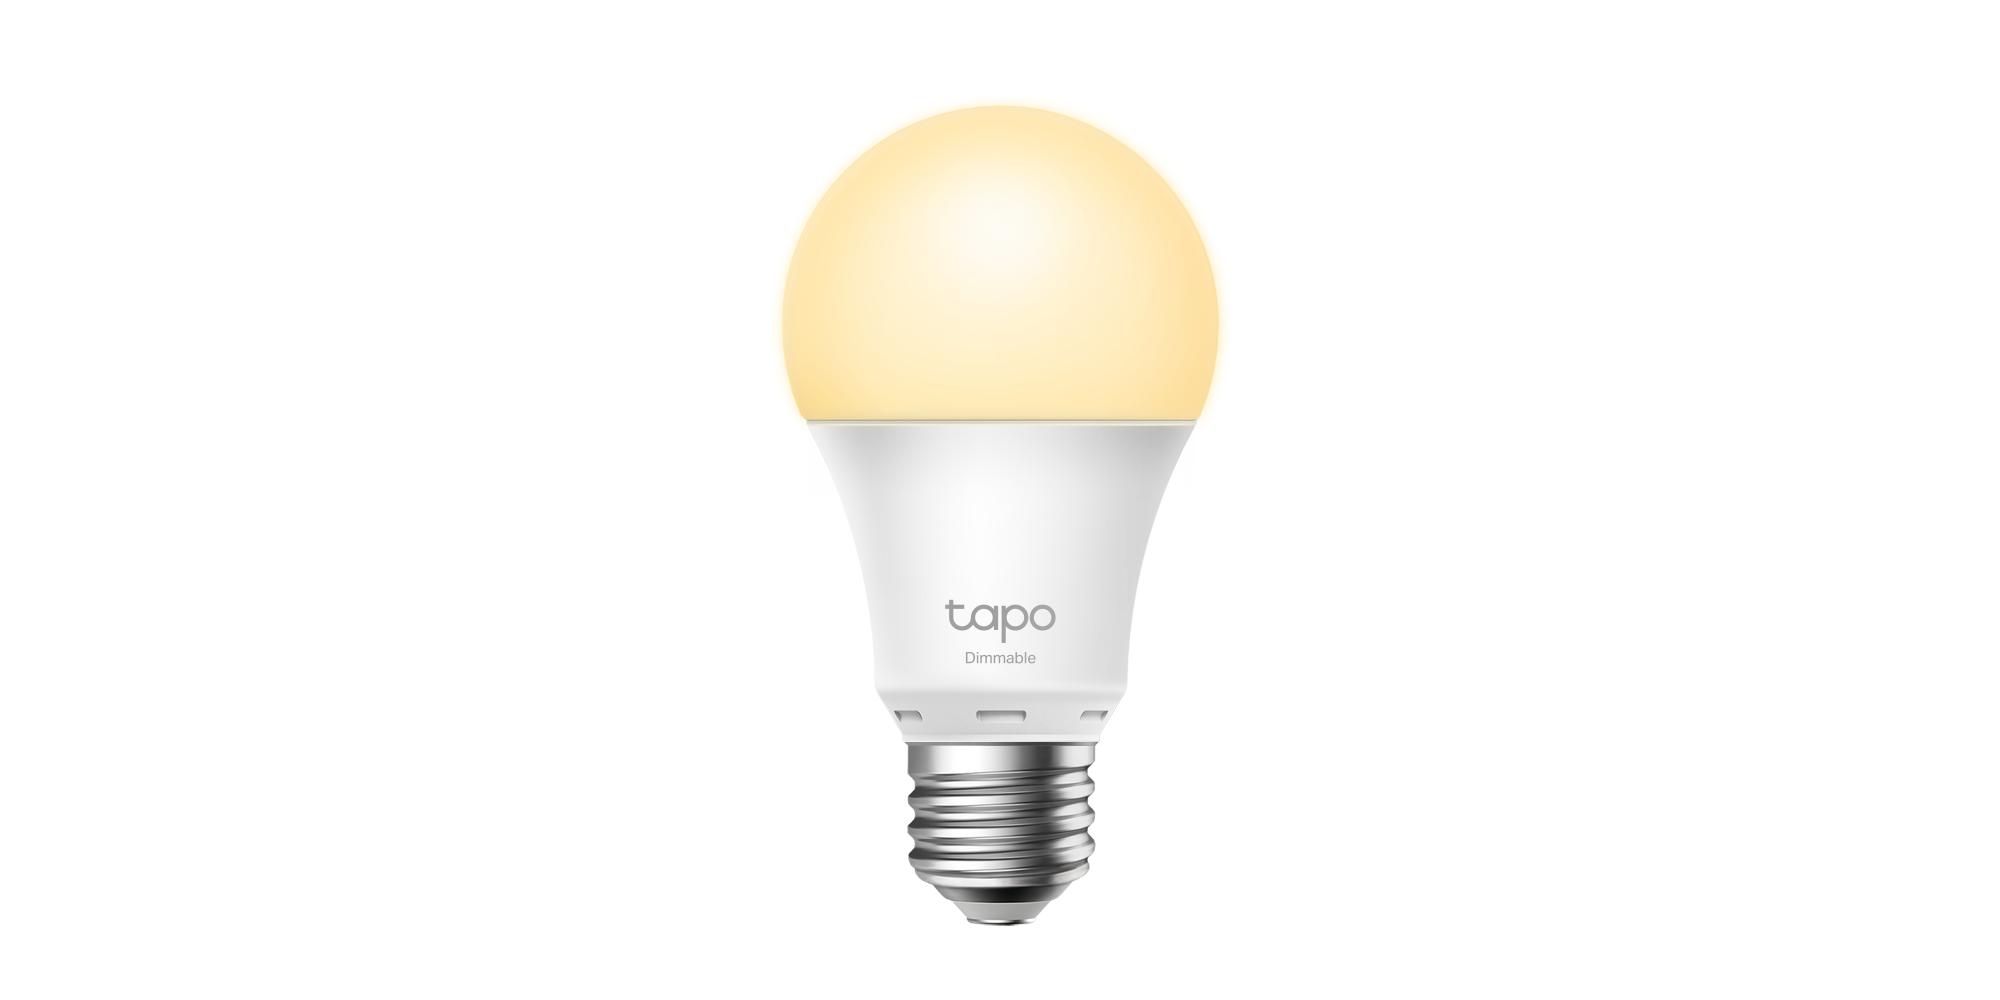 TP-lnk Tapo L510E to nowa żarówka w ofercie znanej firmy.